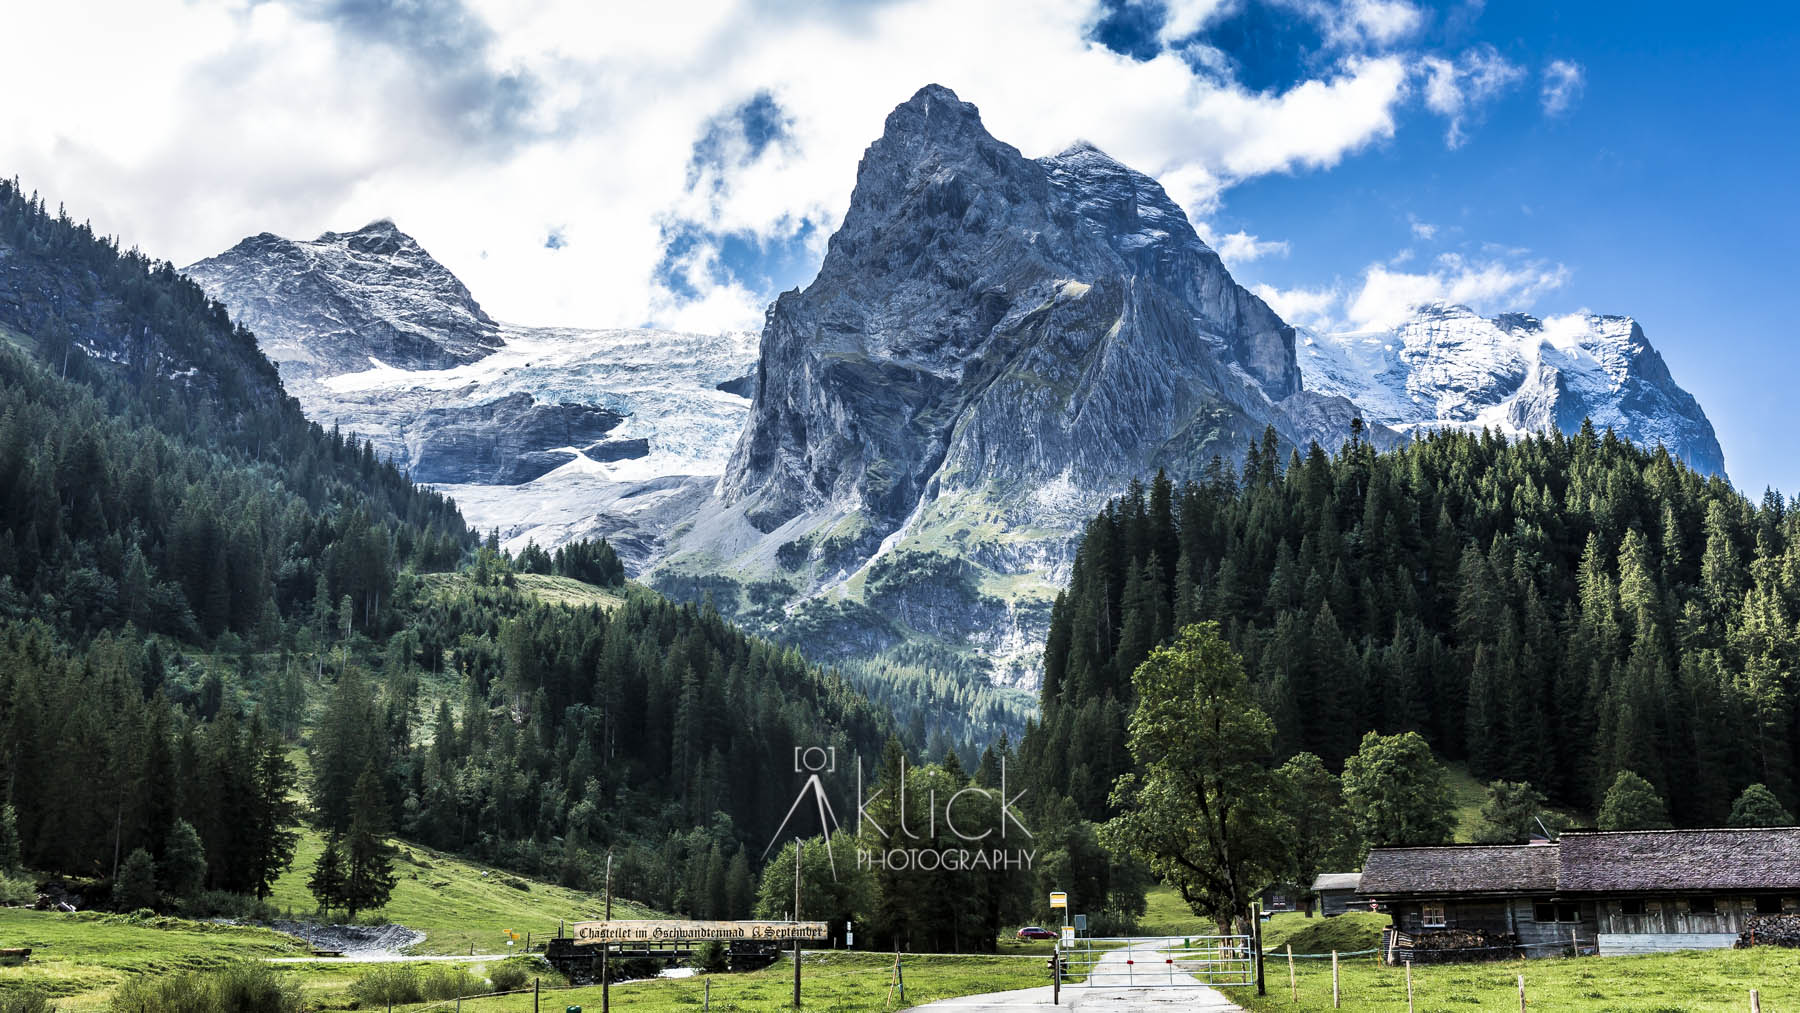 Klein Wellhorn in the Bernese Alps, Switzerland